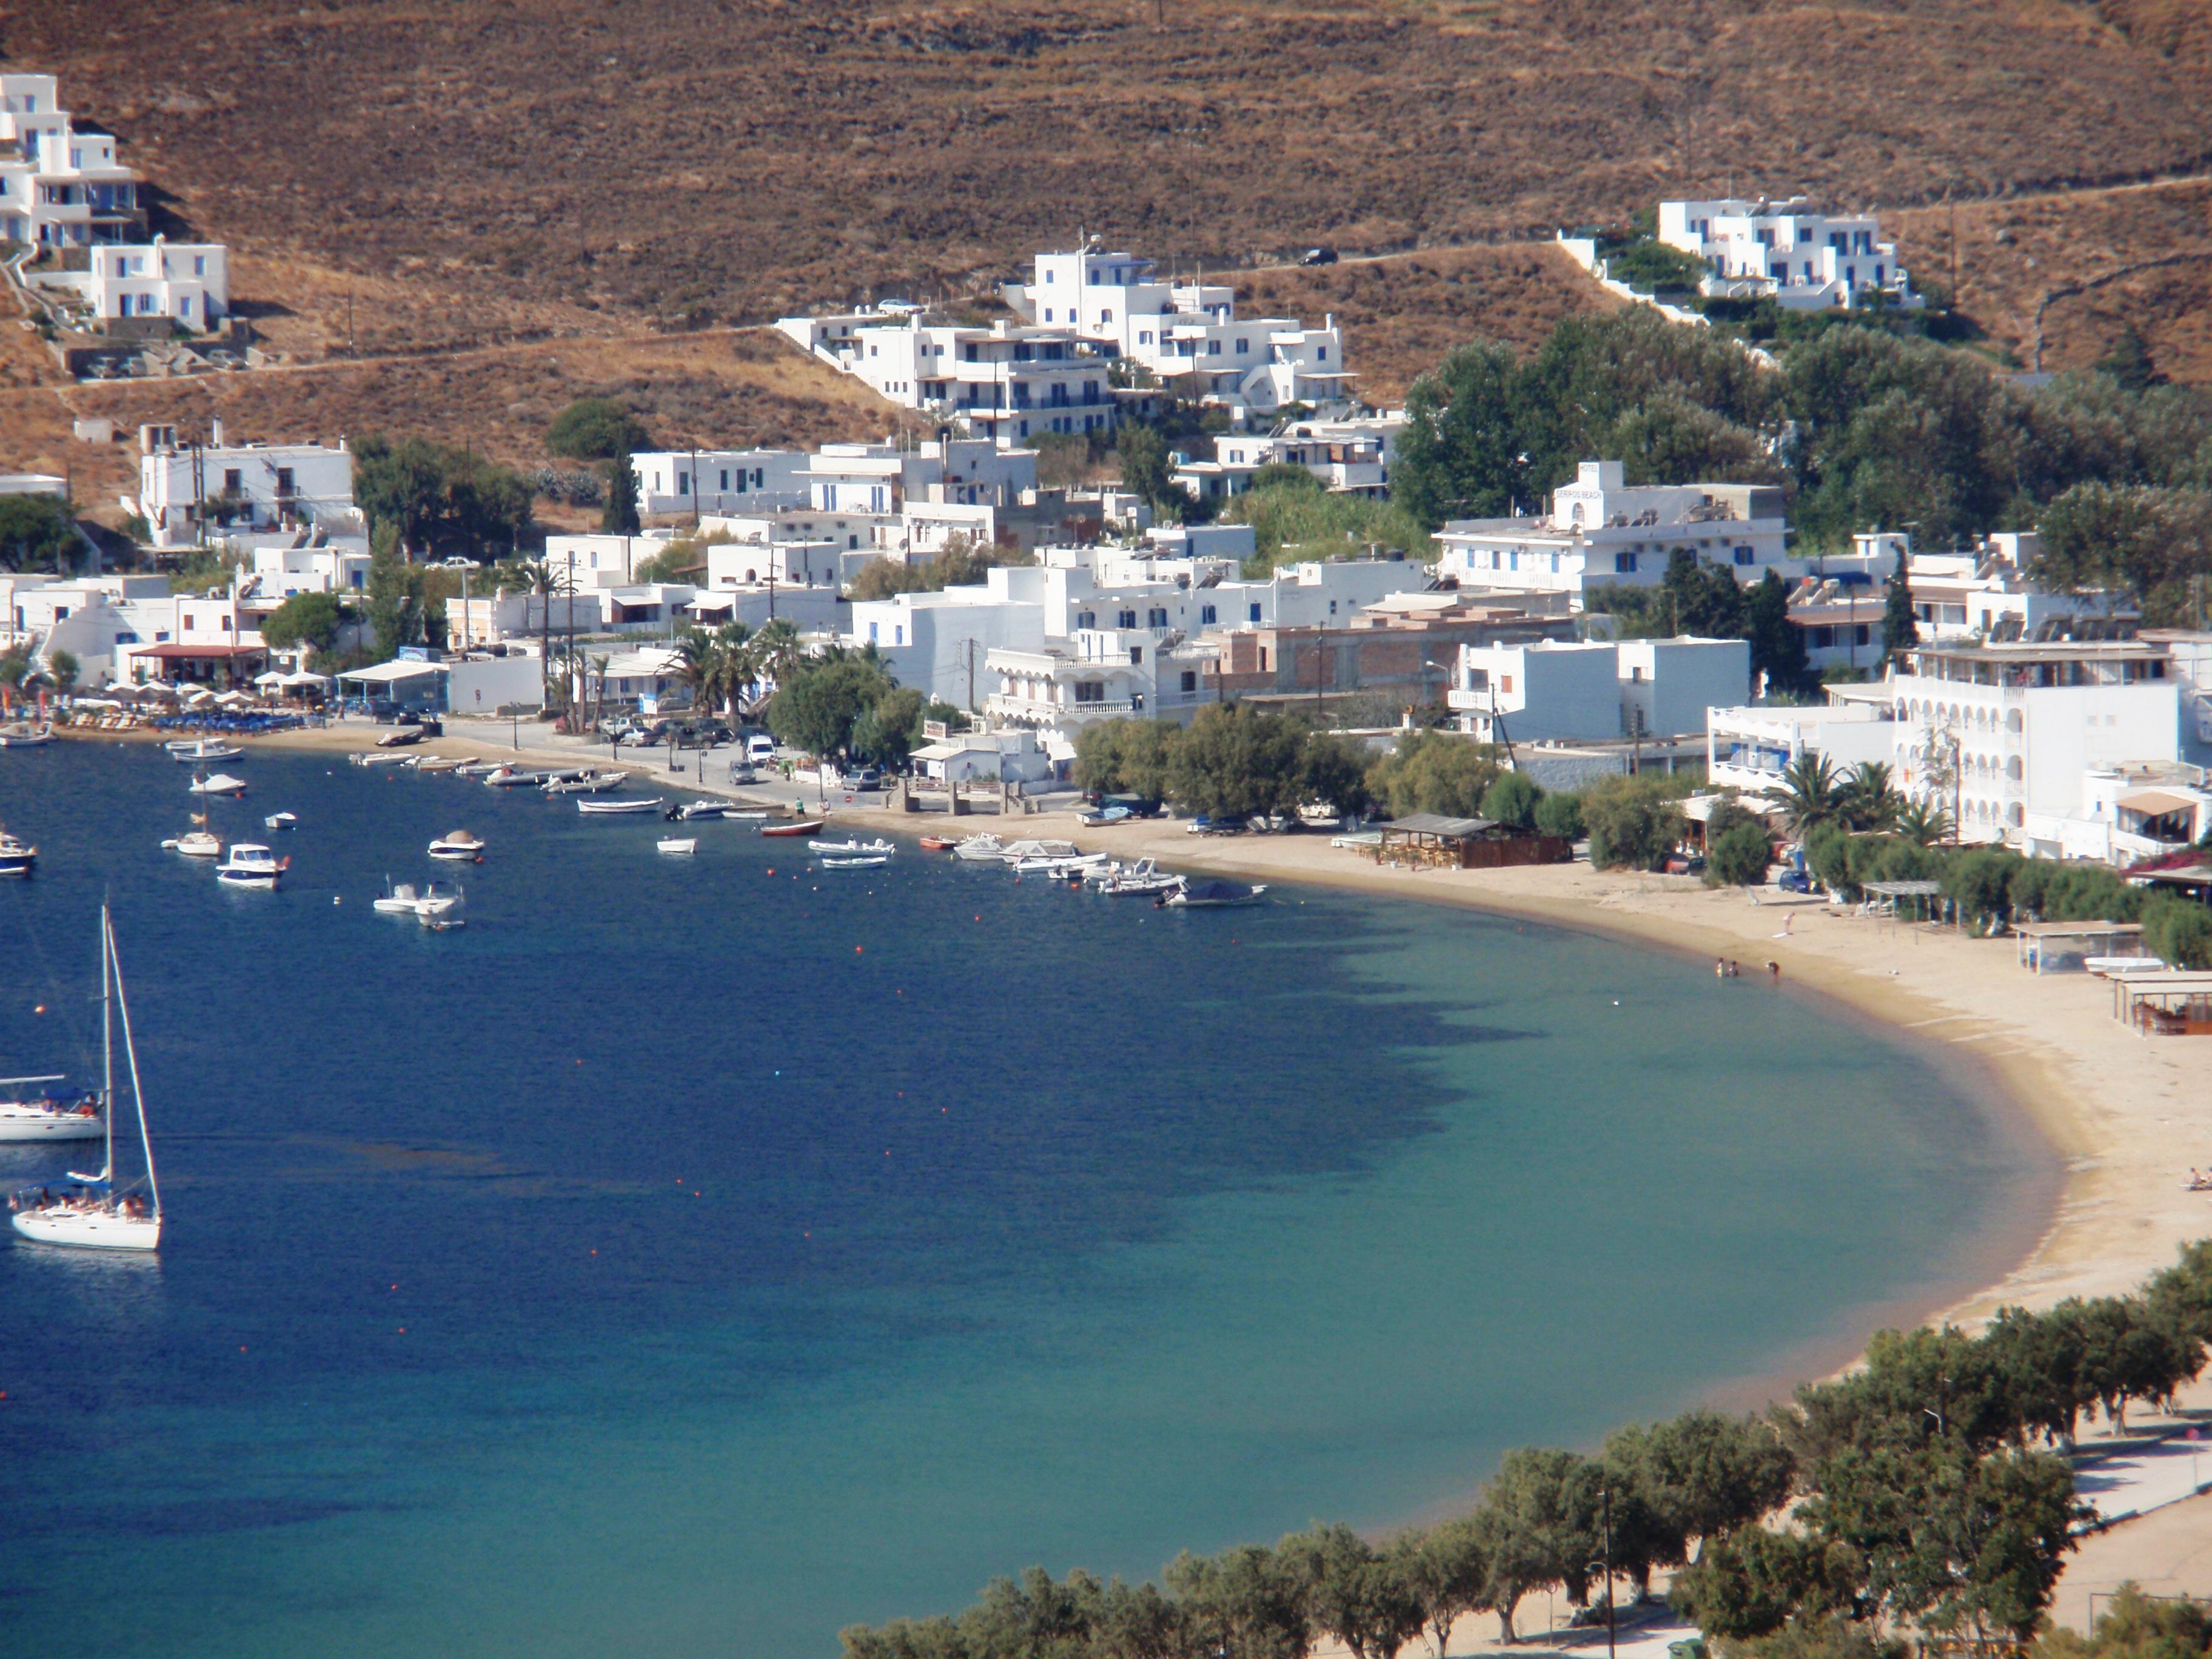 Noleggio Barche Isola di Serifos - Navalia | Noleggia un Sogno